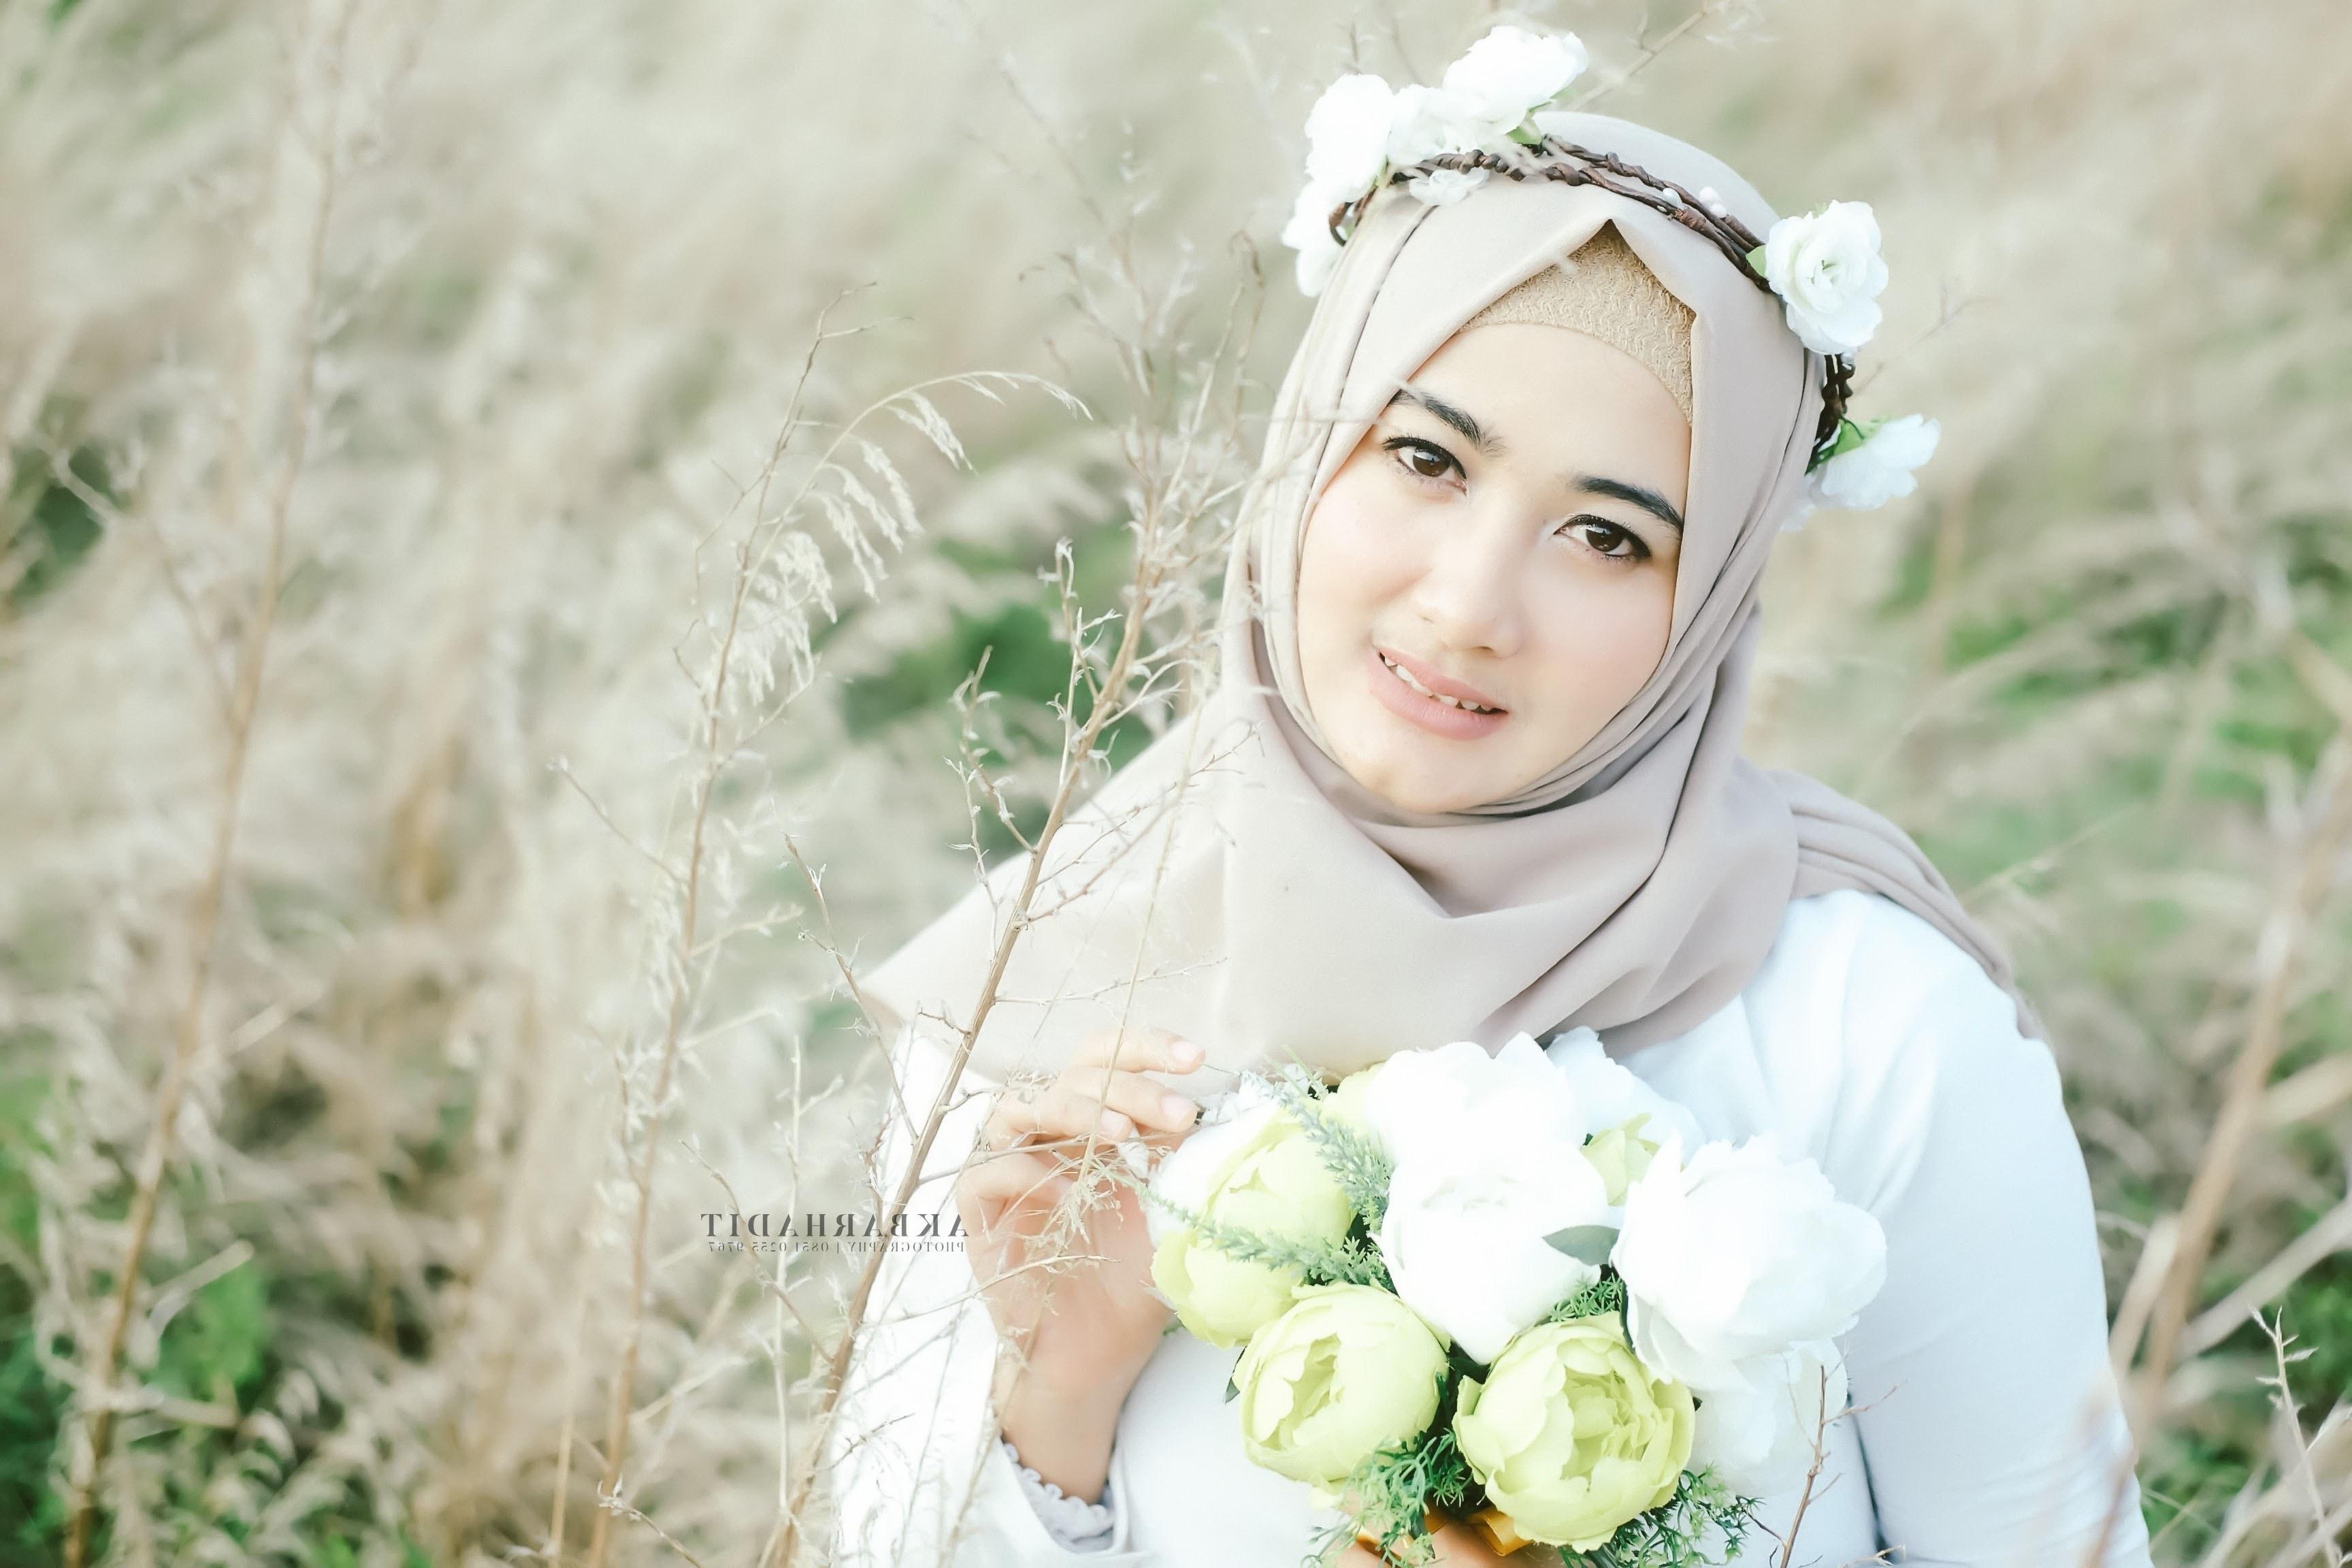 Inspirasi Gaun Pengantin Adat Jawa Muslim 8ydm Terbaik Animasi Wedding Hijab